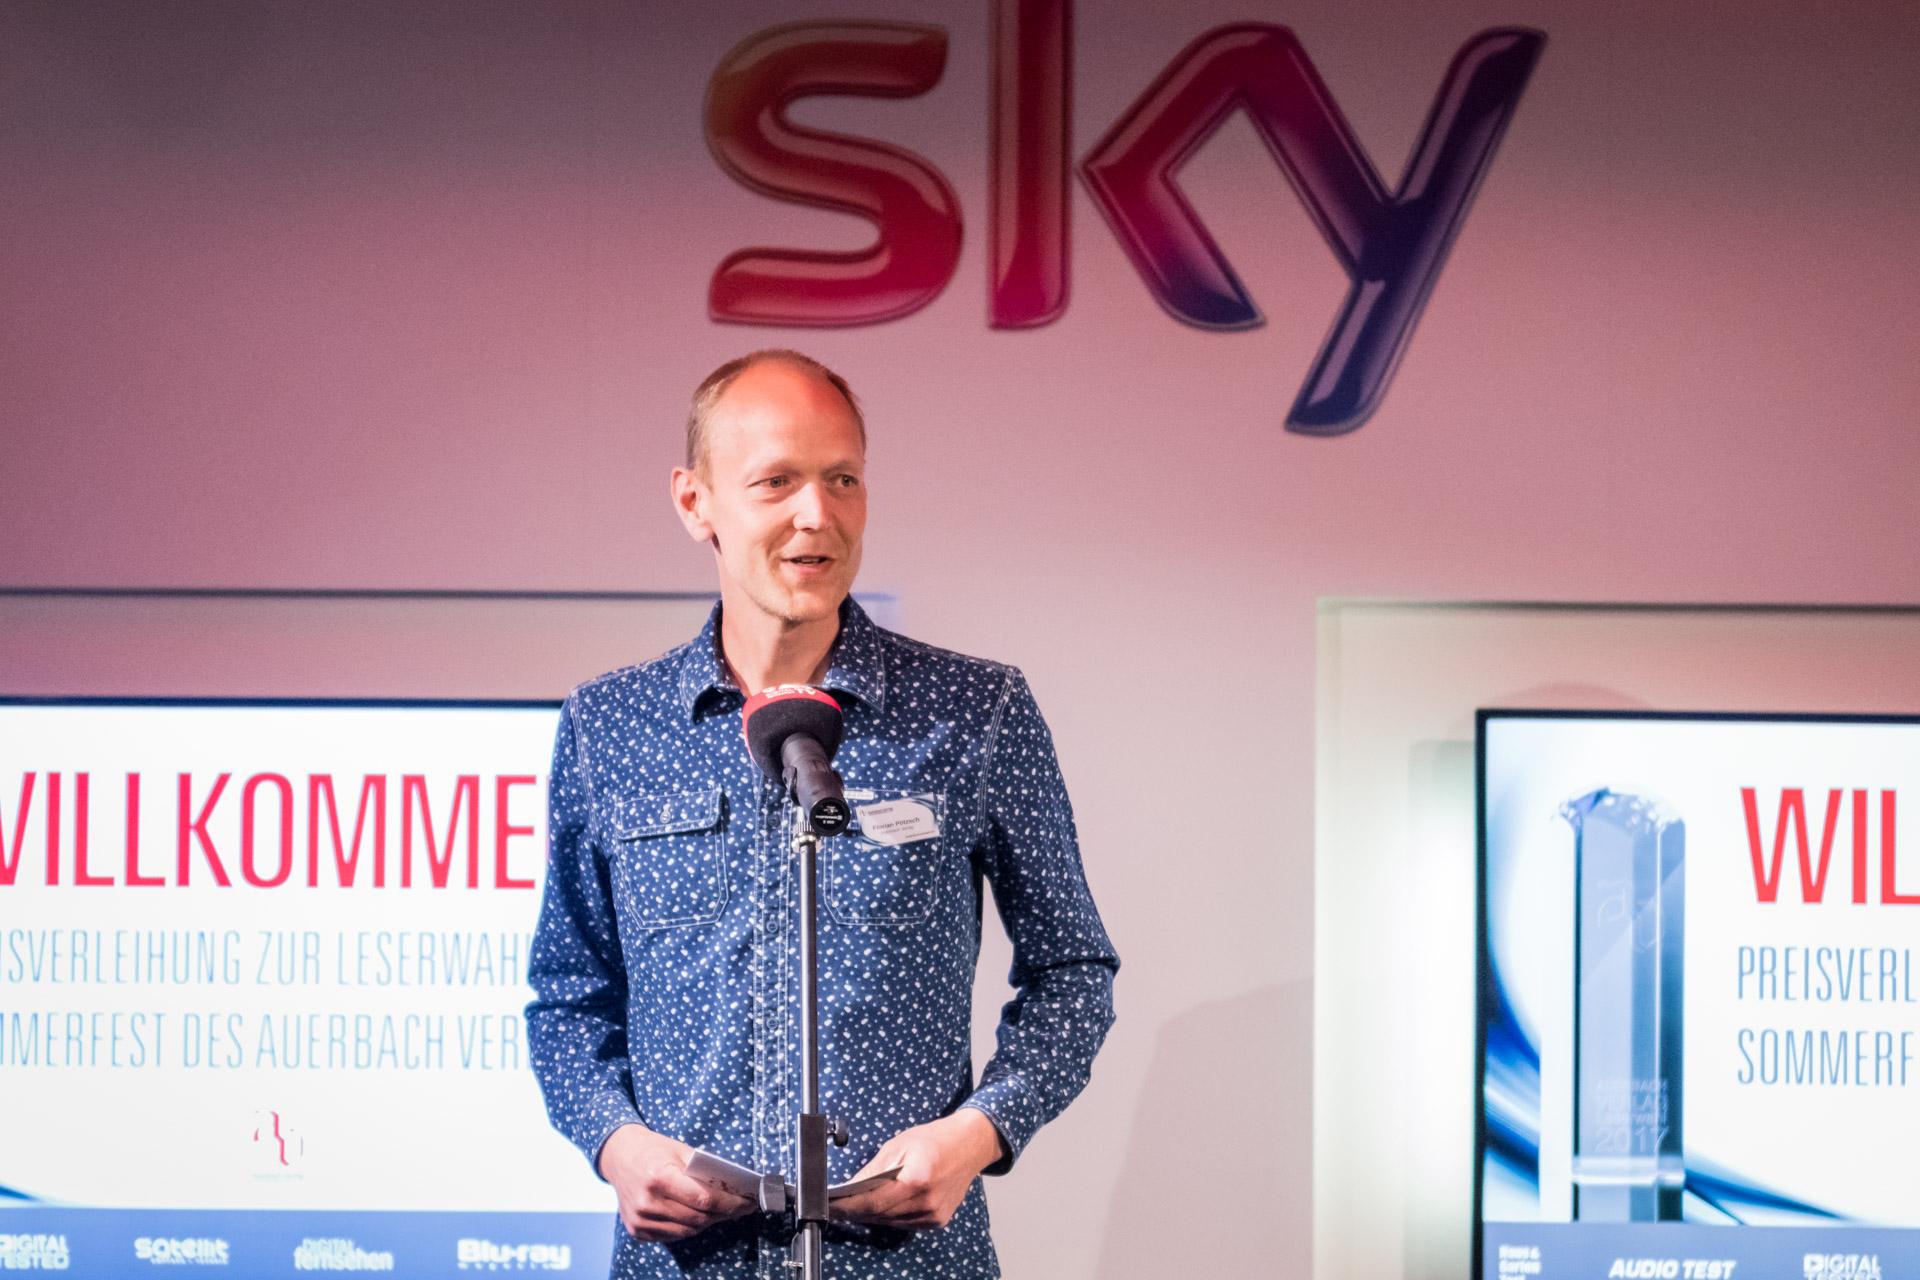 Herausgeber und Geschäftsführer Florian Pötzsch begrüßte alle Gäste zur Preisverleihung